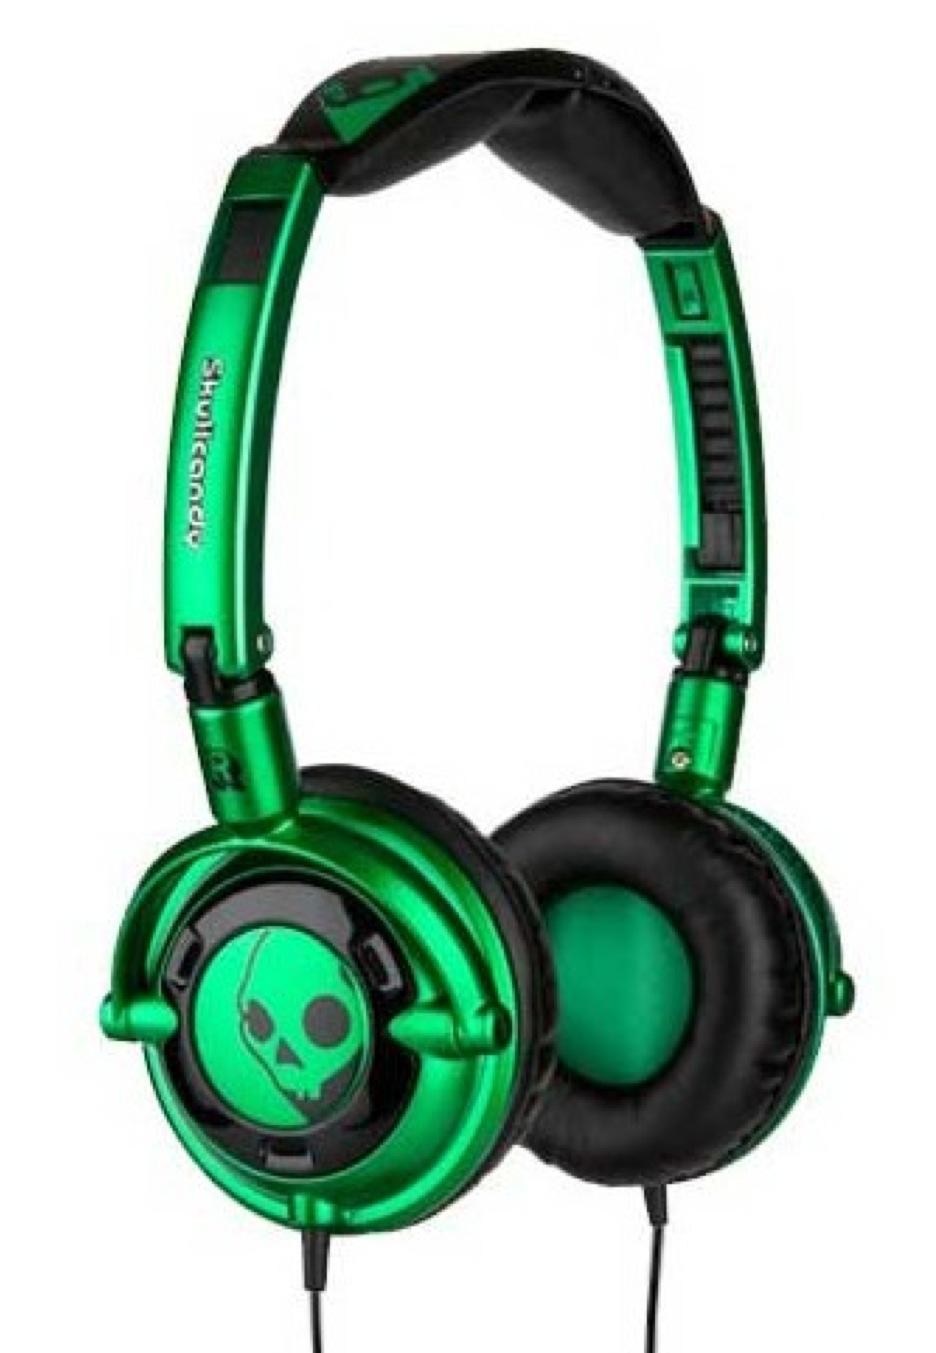 Skullcandy Headphones Green www pixshark com Images Galleries With A Bite!